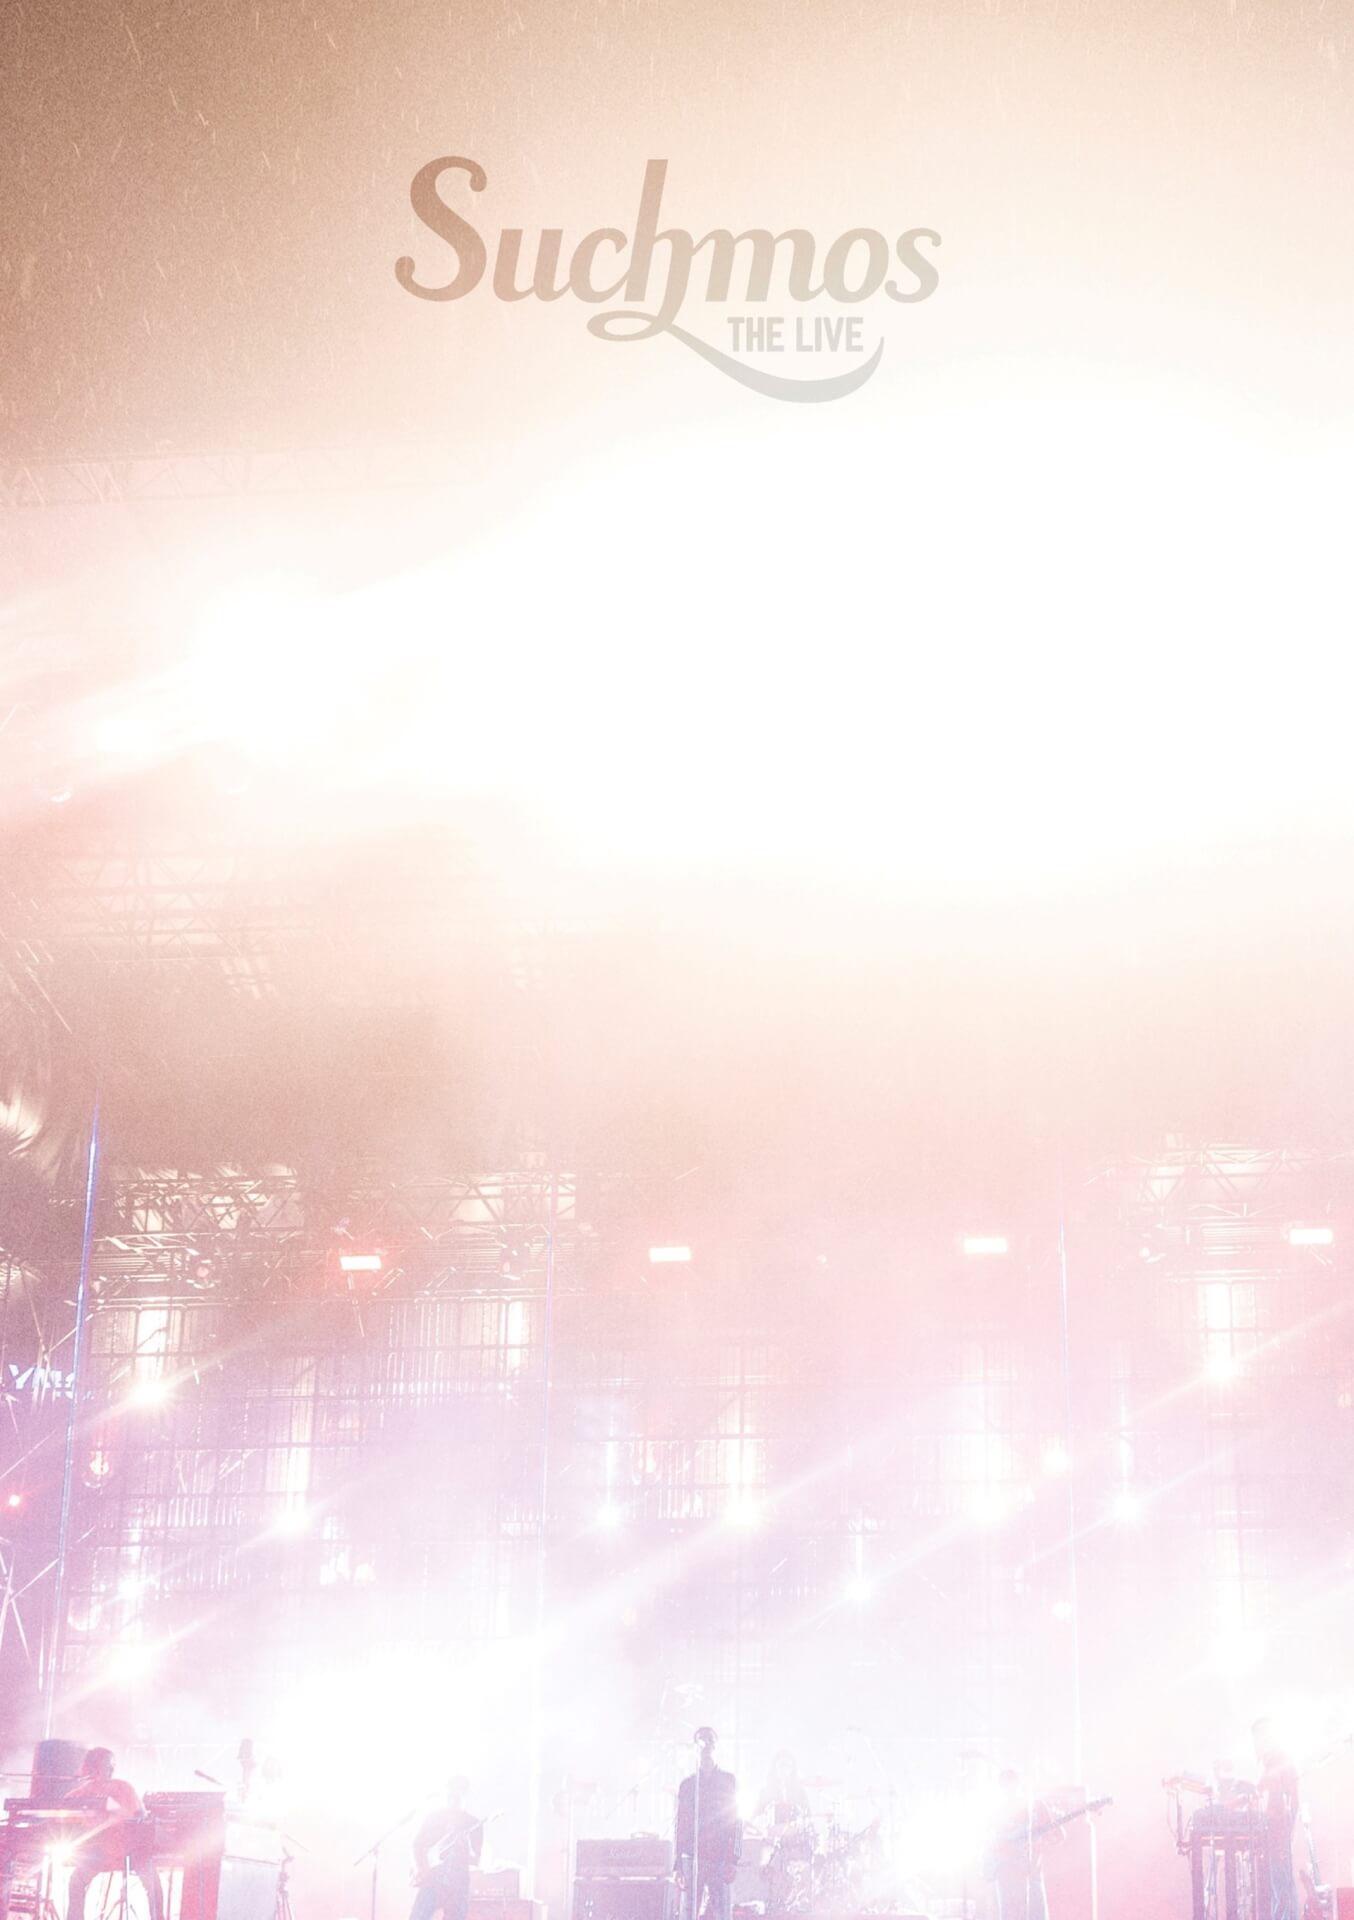 Suchmos、今週末生配信の<LIVEWIRE>ですべて新曲で構成したパフォーマンスを敢行!プレゼントが当たるTwitterキャンペーンも実施 music200716_suchmos_2